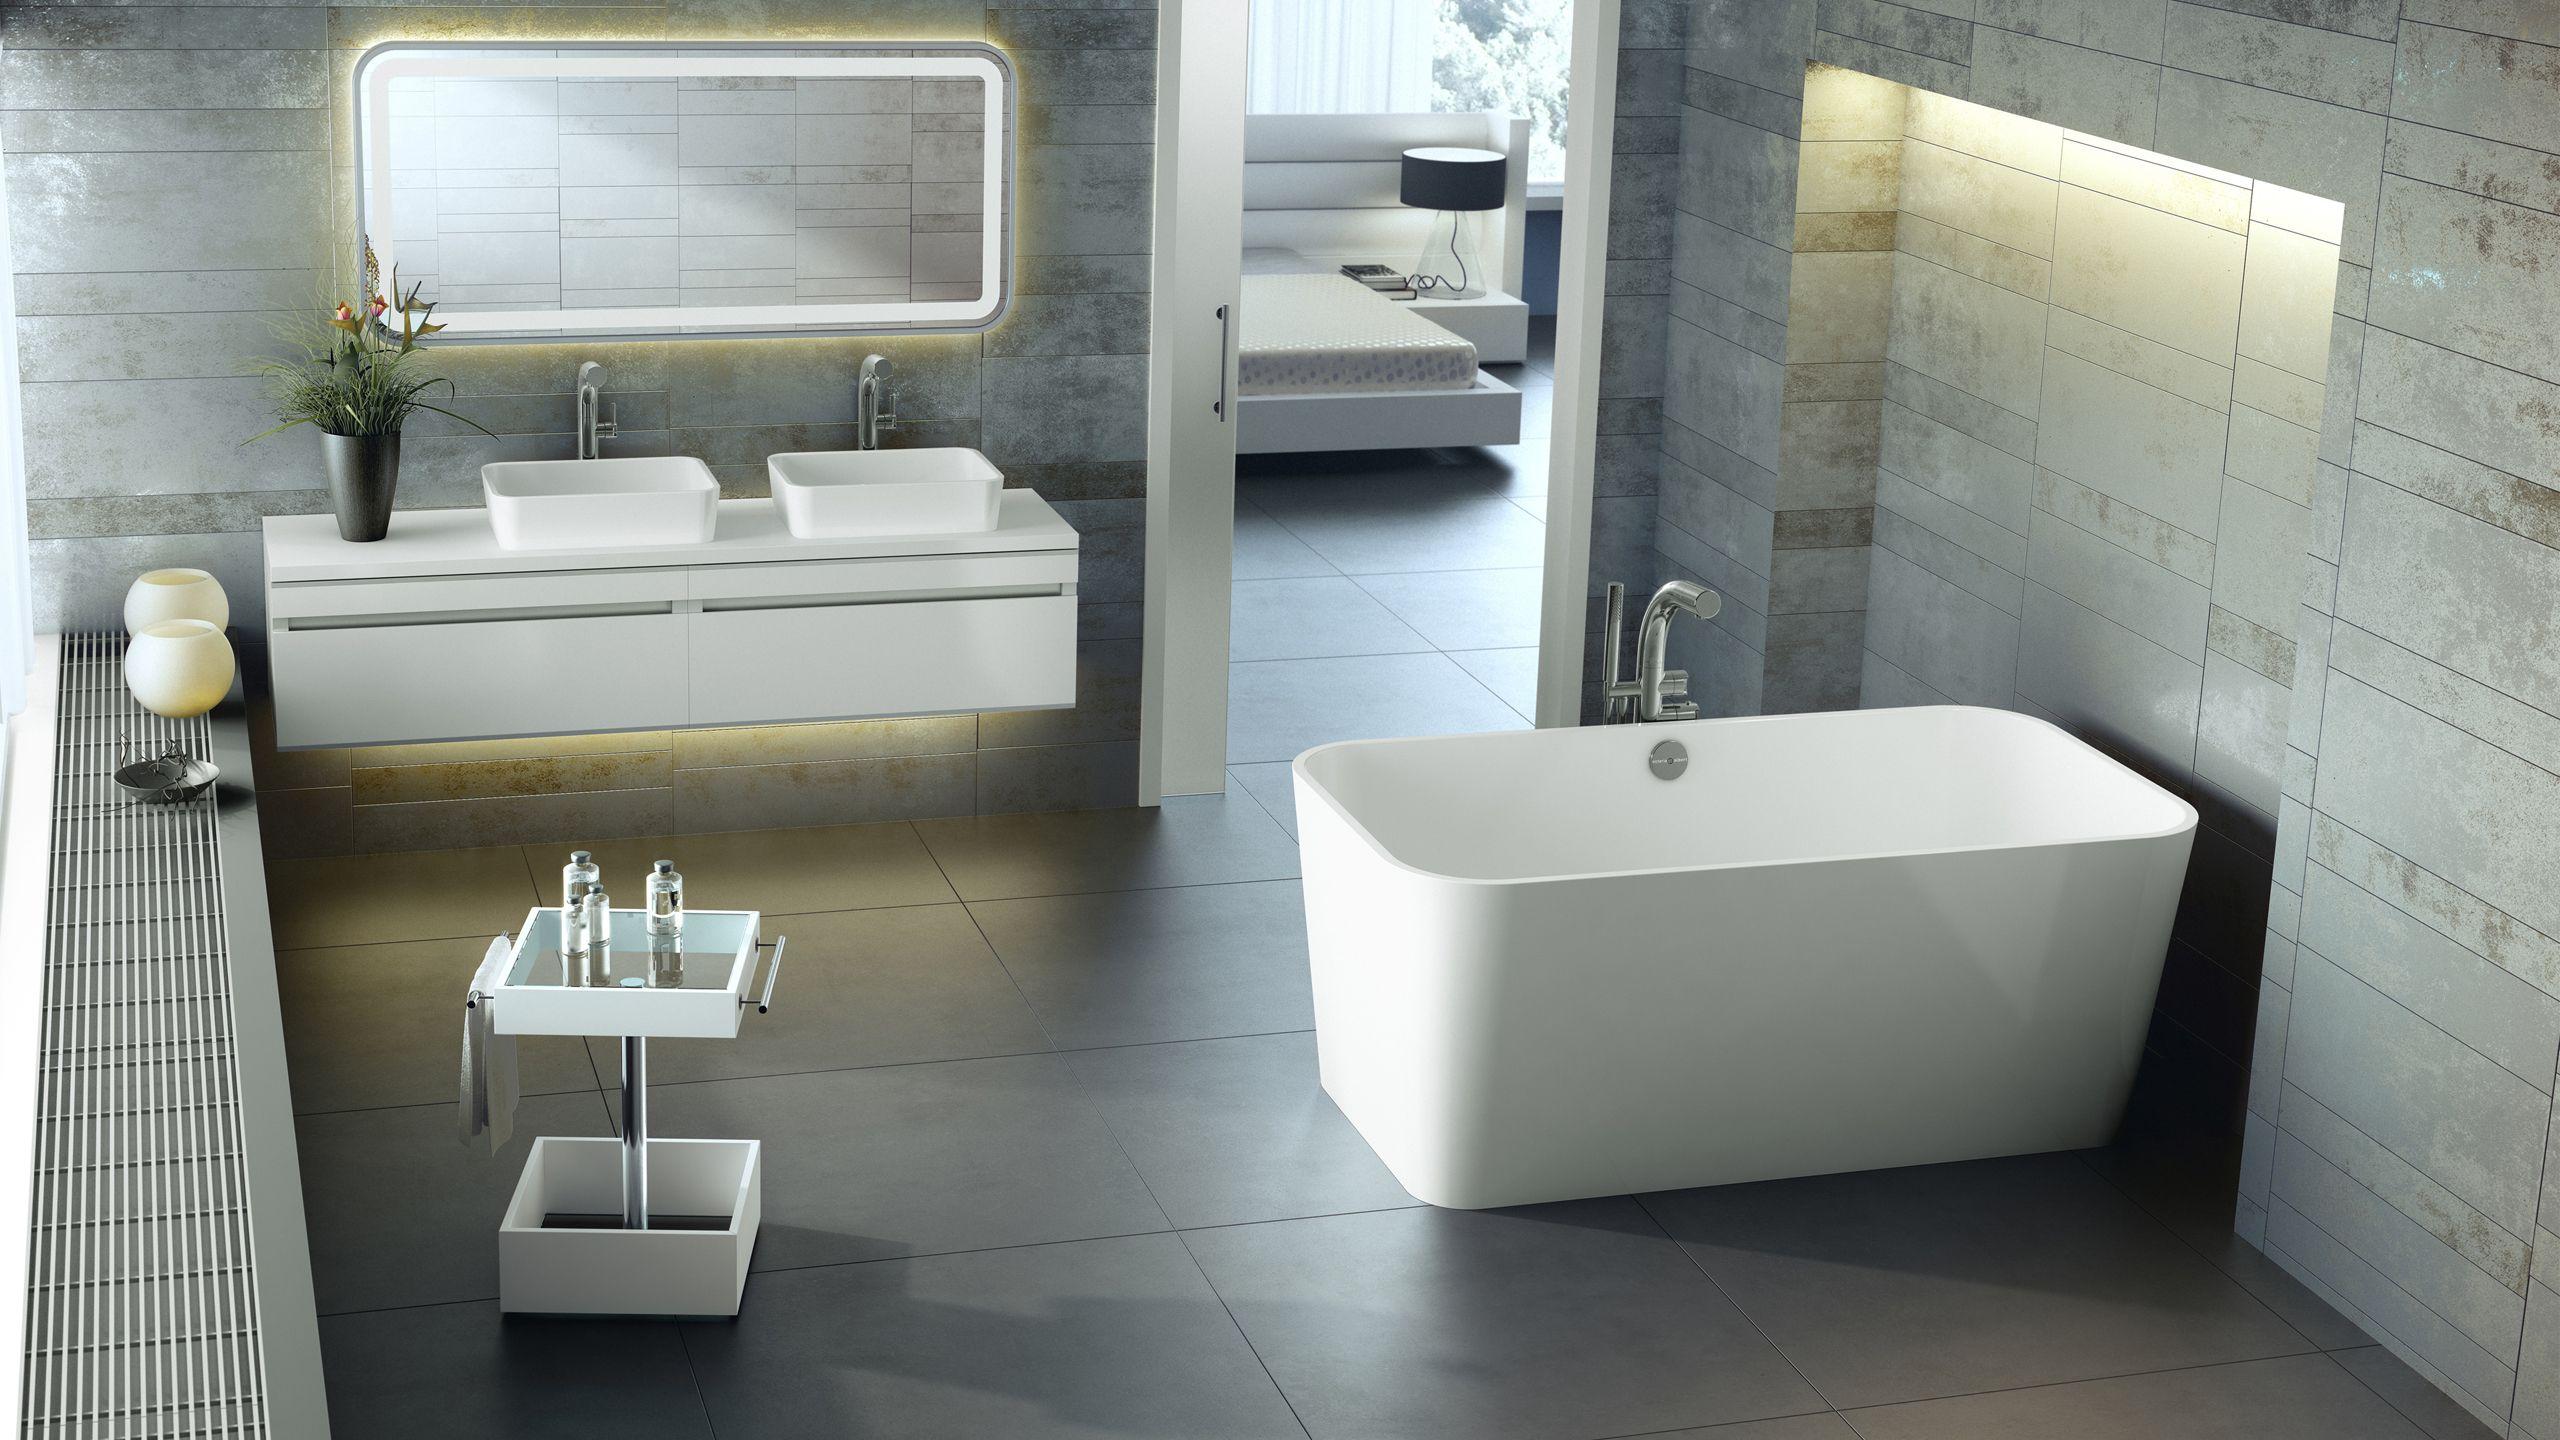 Edge - modern soaking tub   Victoria + Albert Baths USA   Baths ...